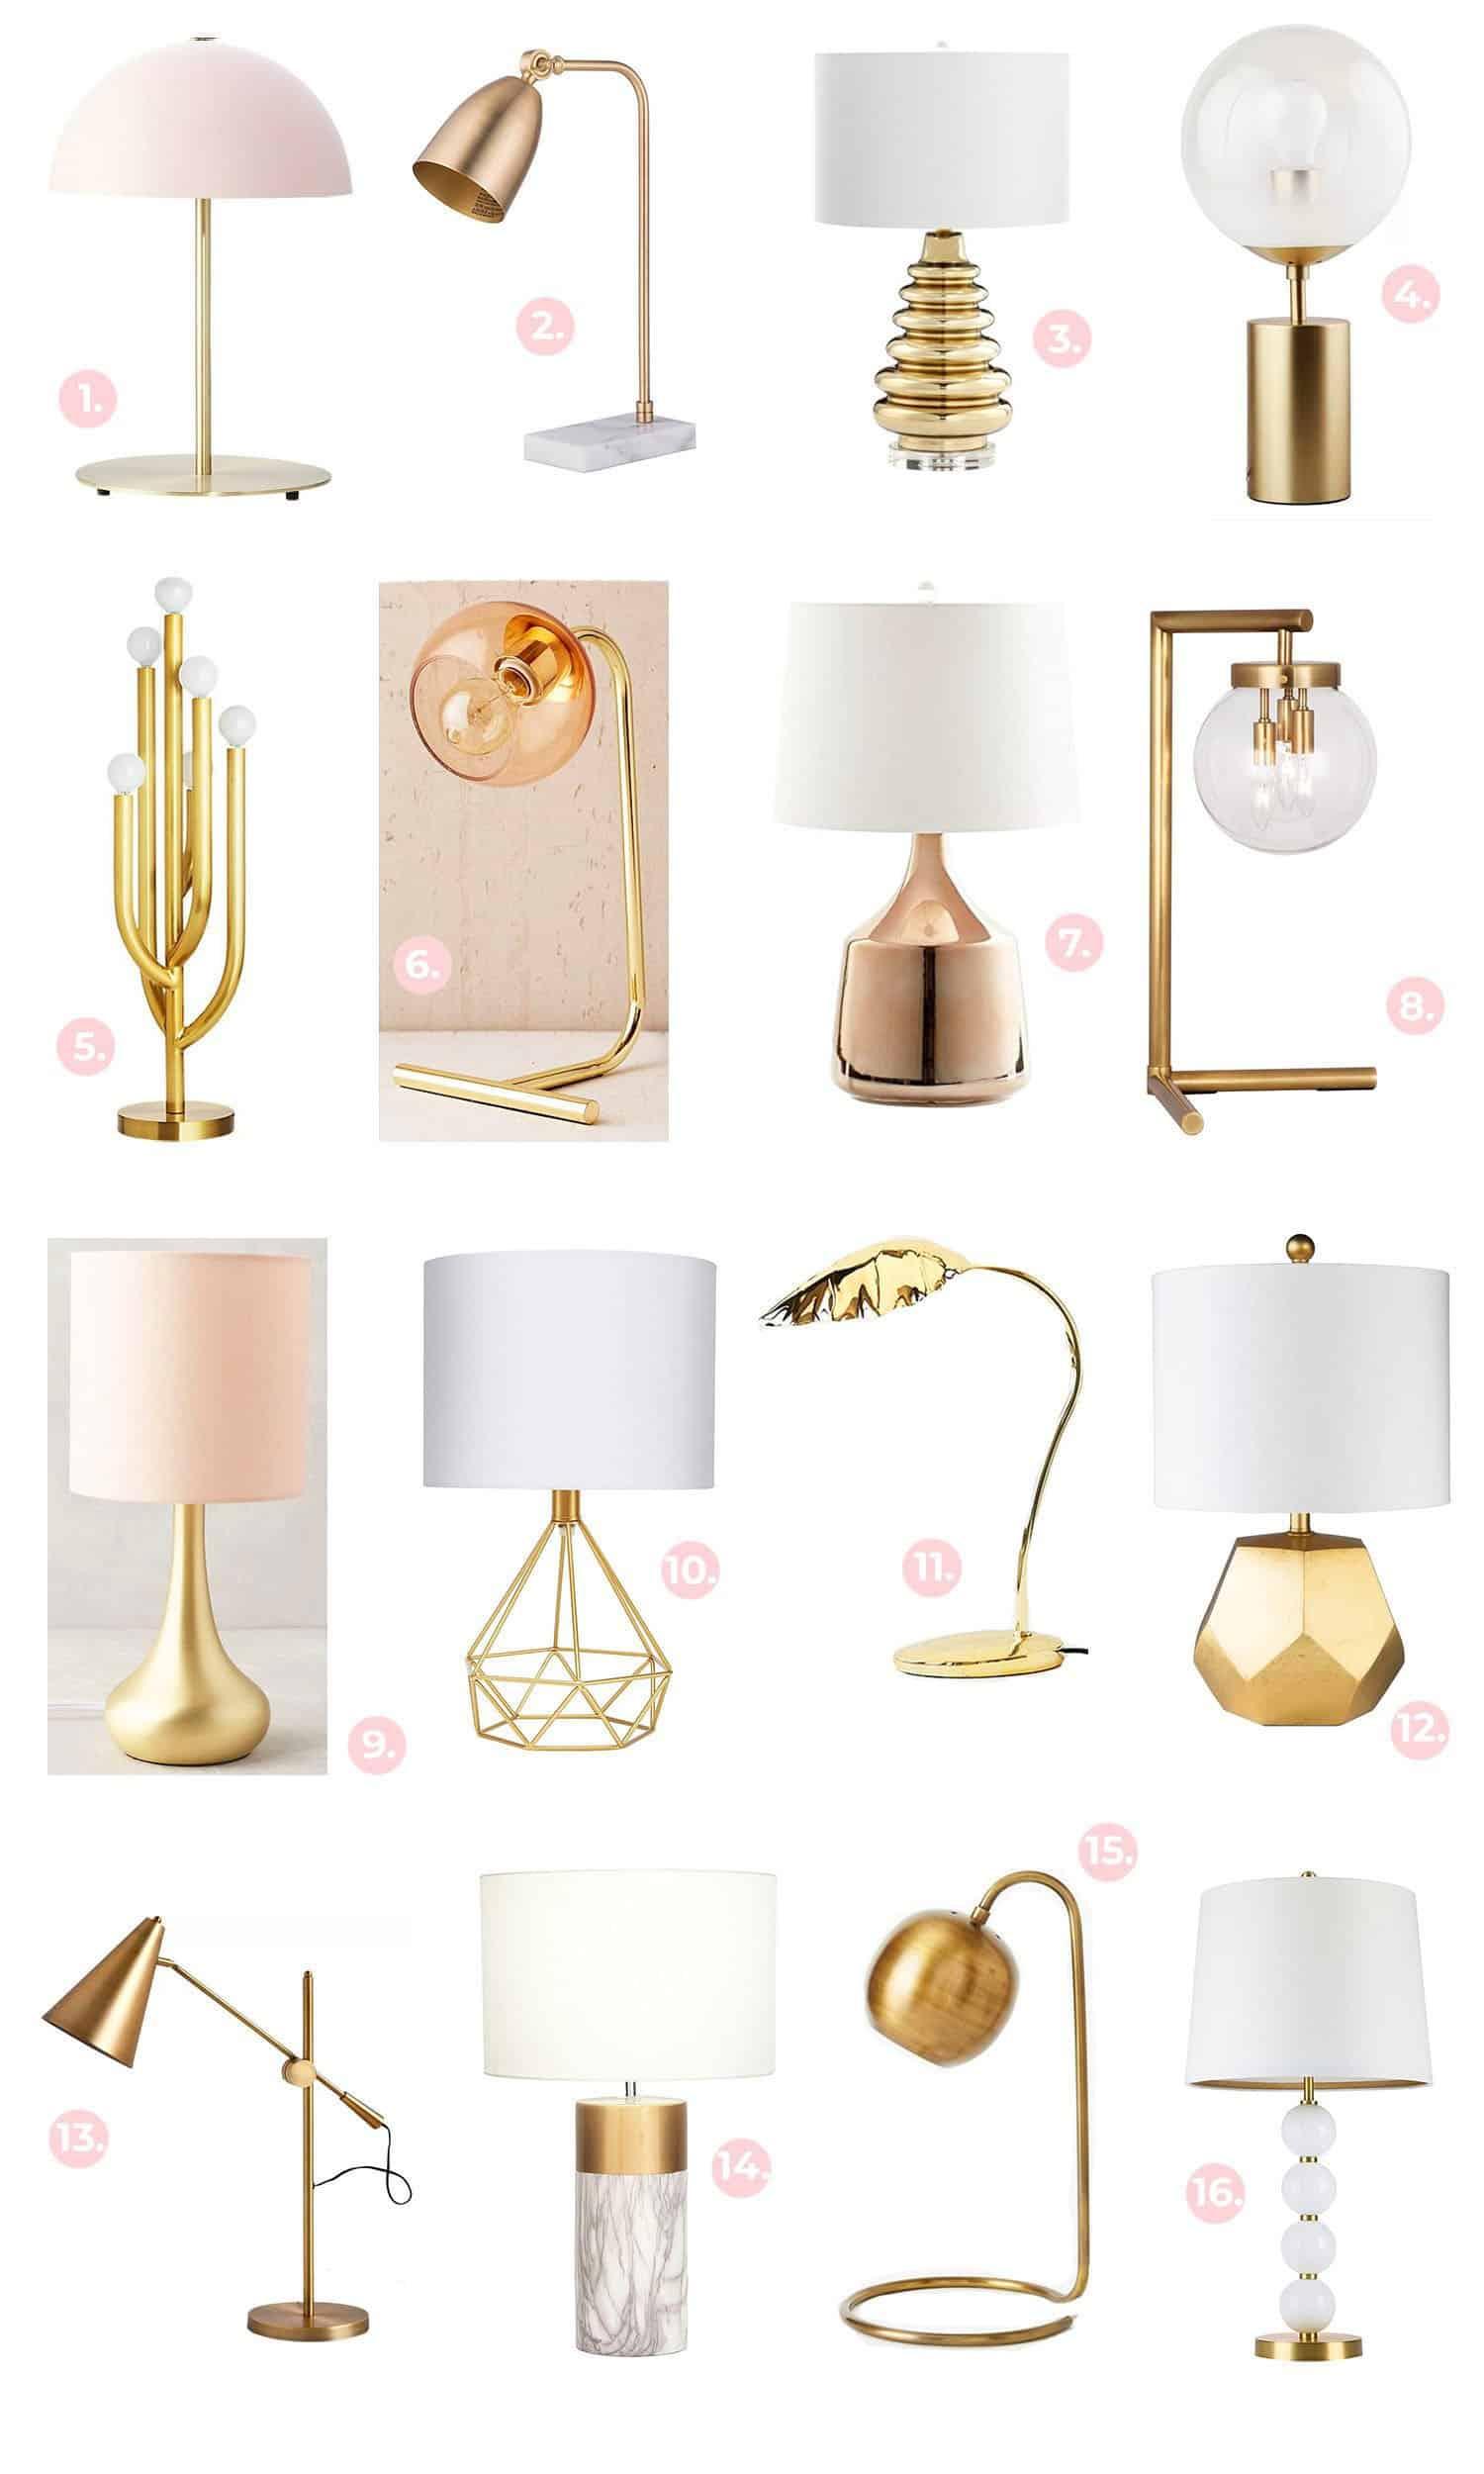 Gold + Messing Leuchte Einkaufsführer